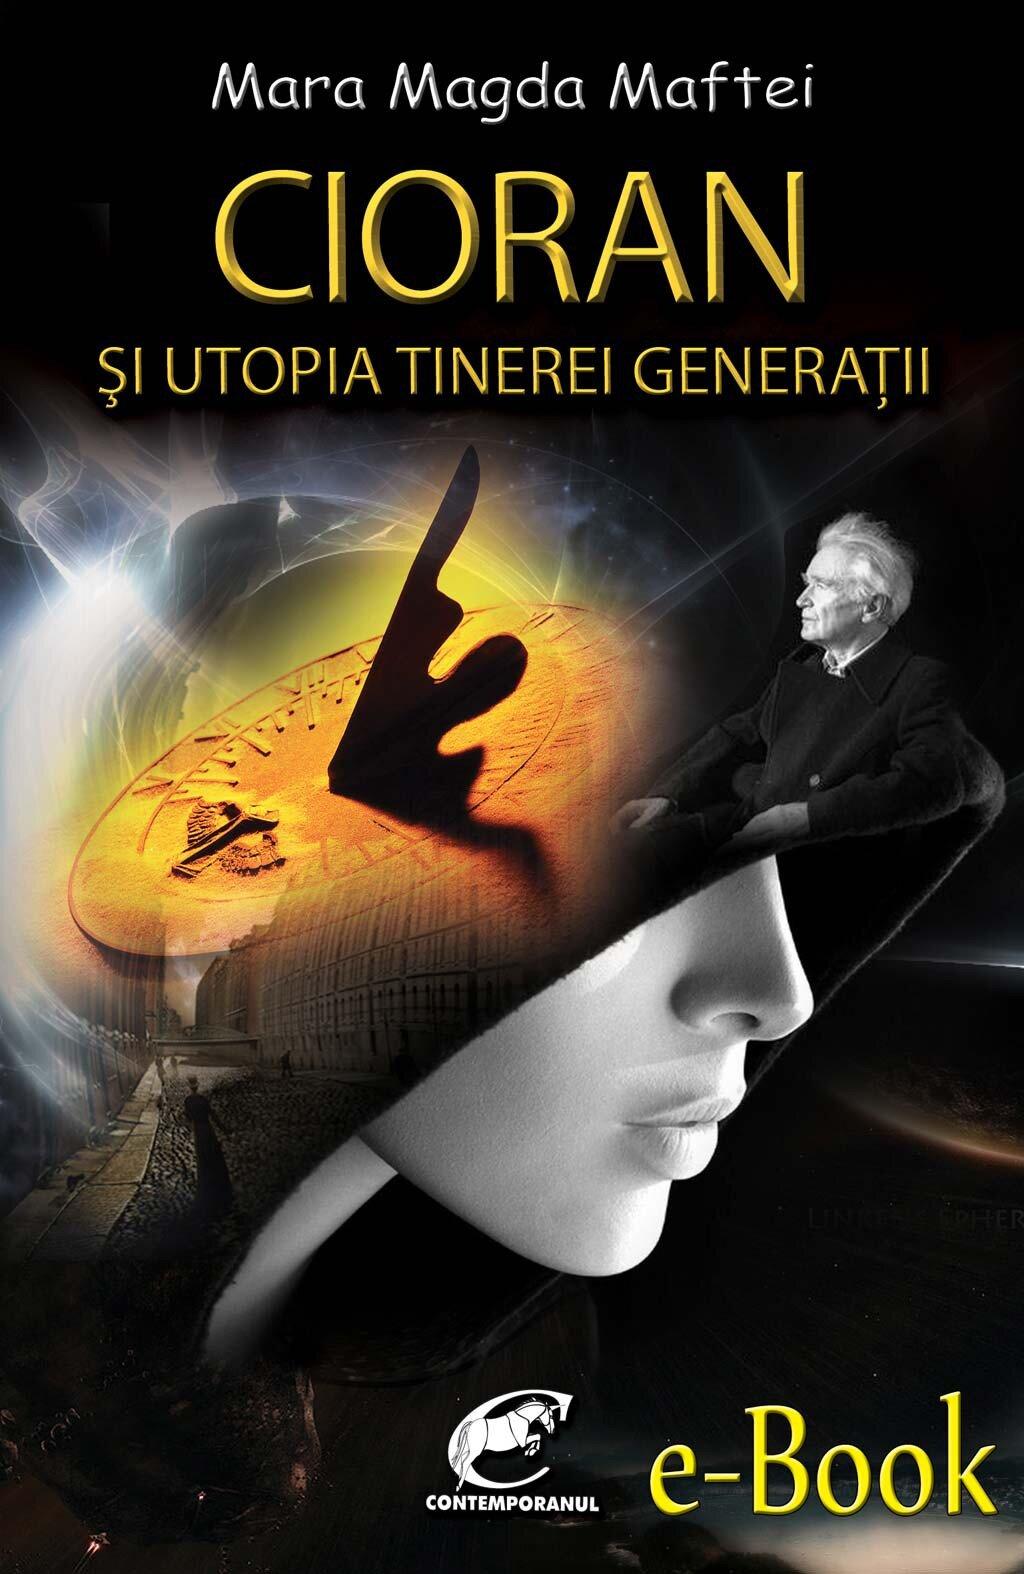 Cioran si utopia tinerei generatii (eBook)